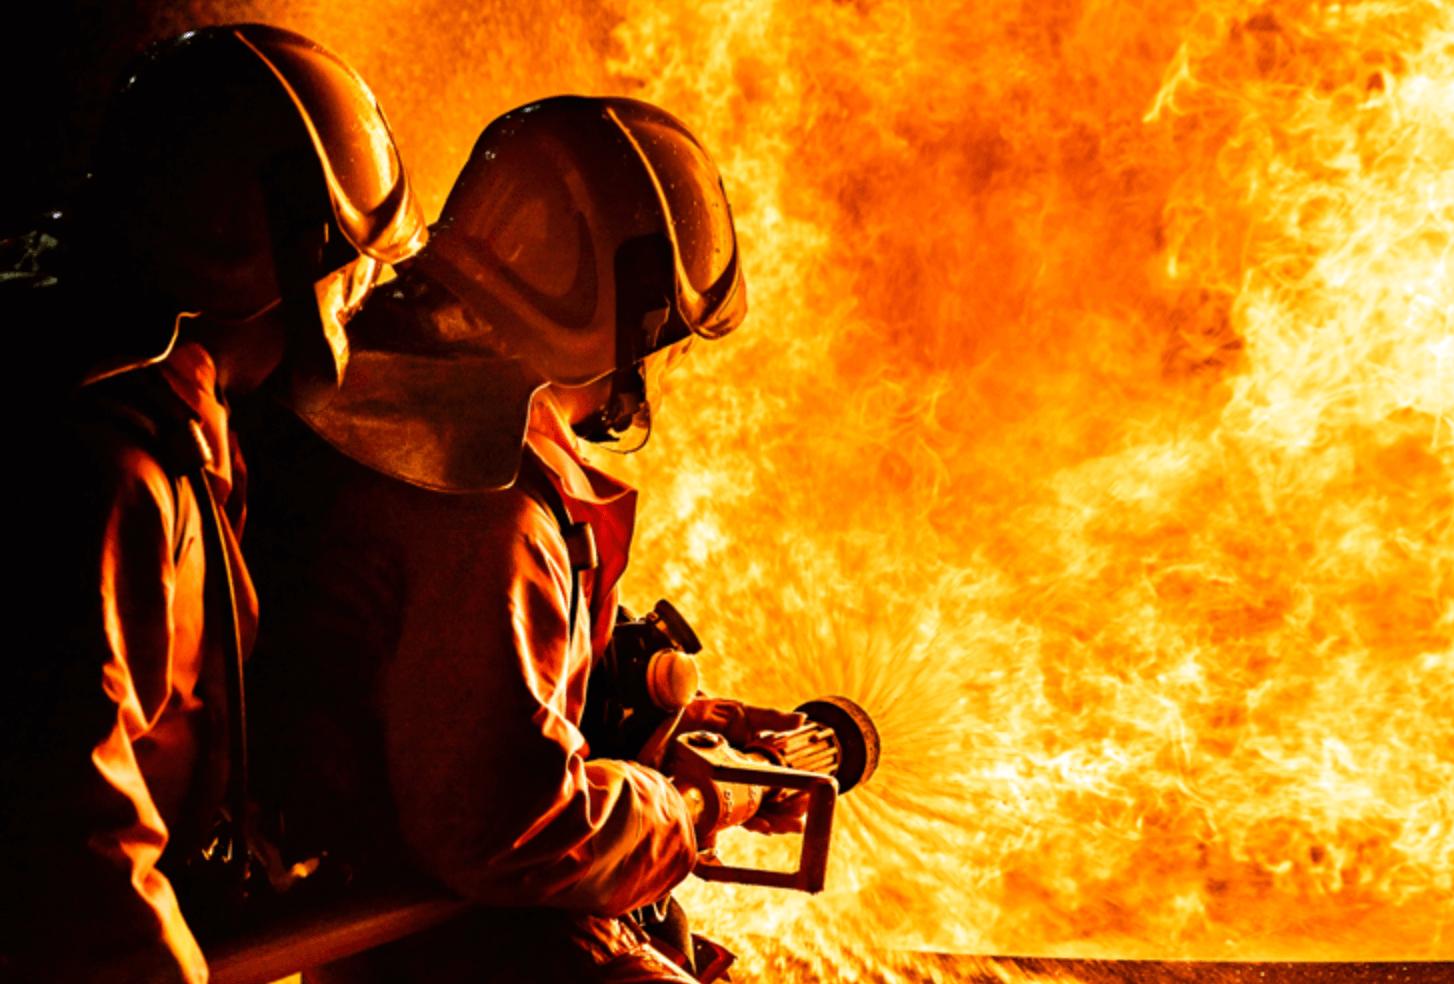 화재시-화재보험